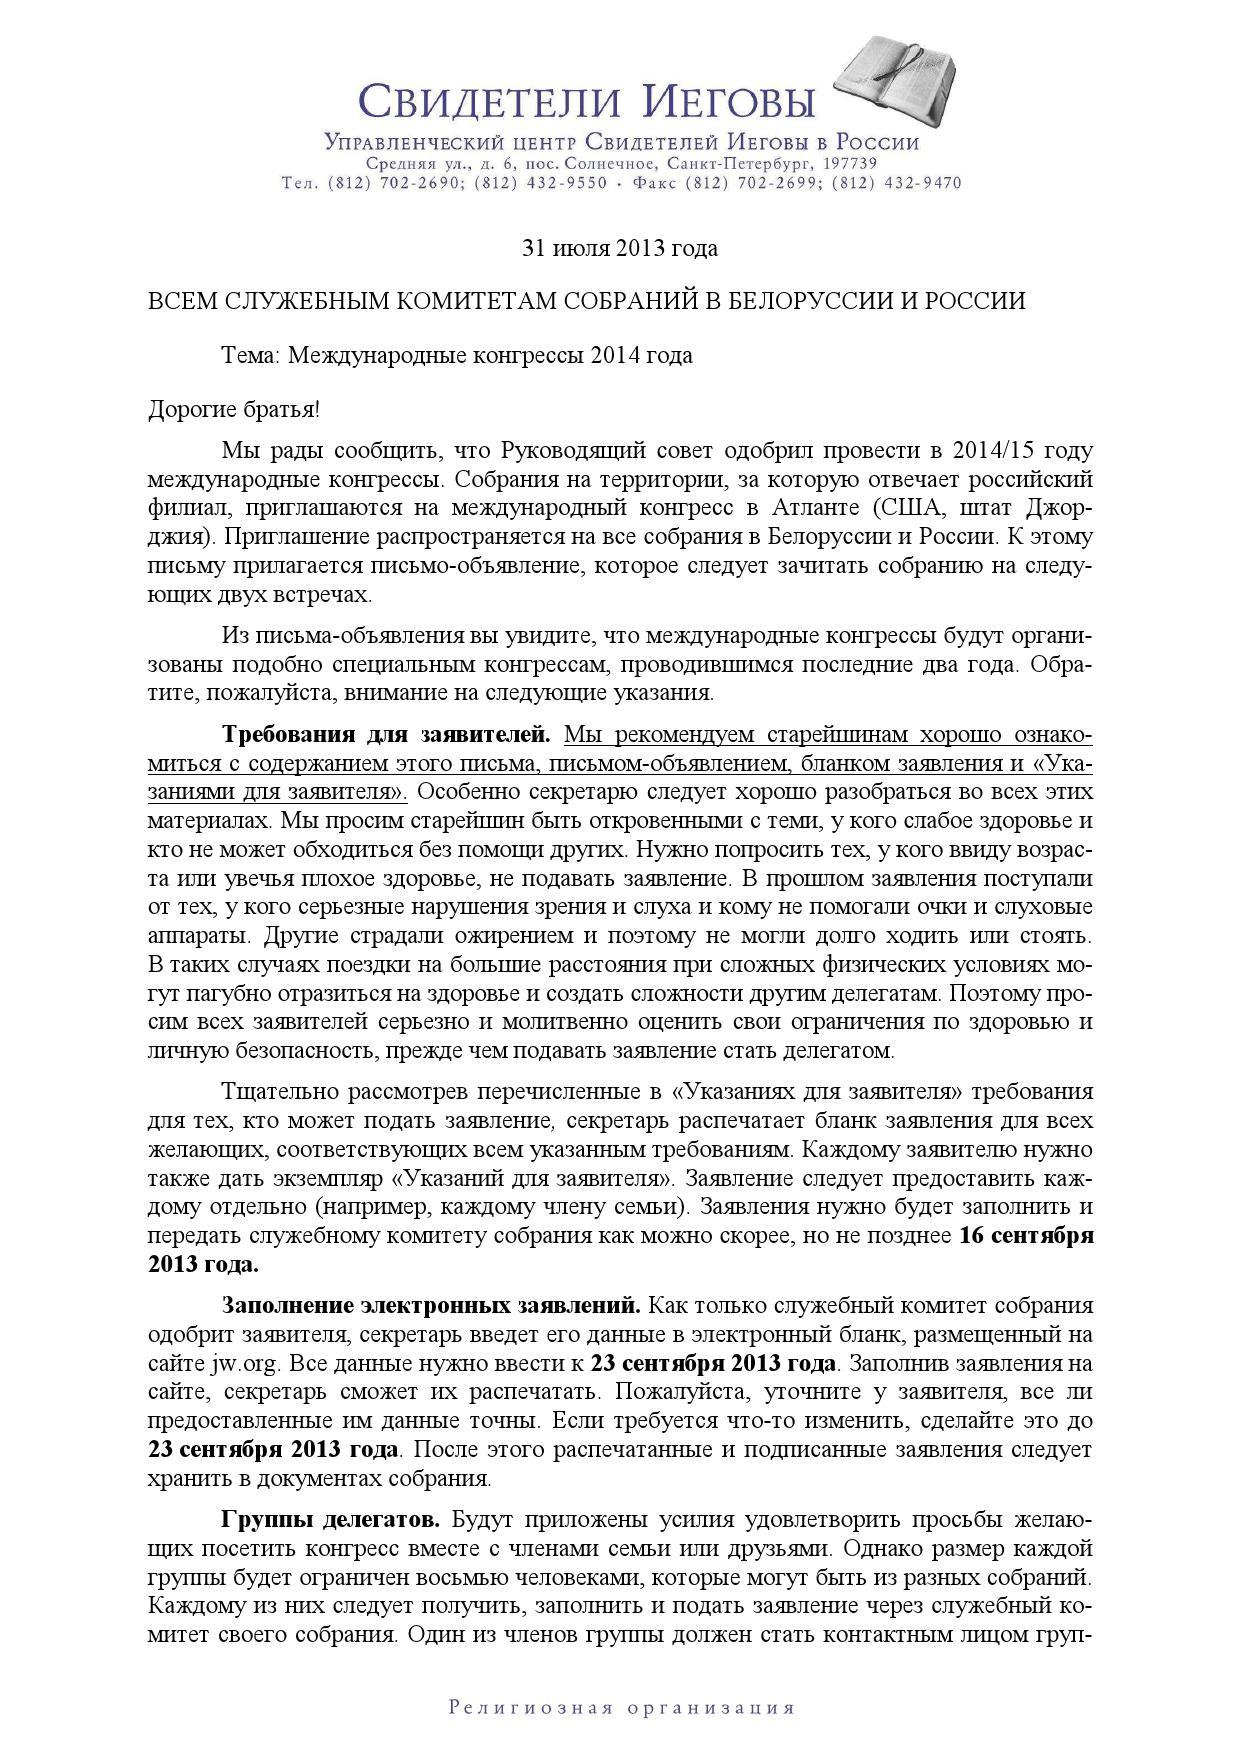 L-20130731-U-Ru-CSC (размещение делегатов, конфиденц.запросы)___000001